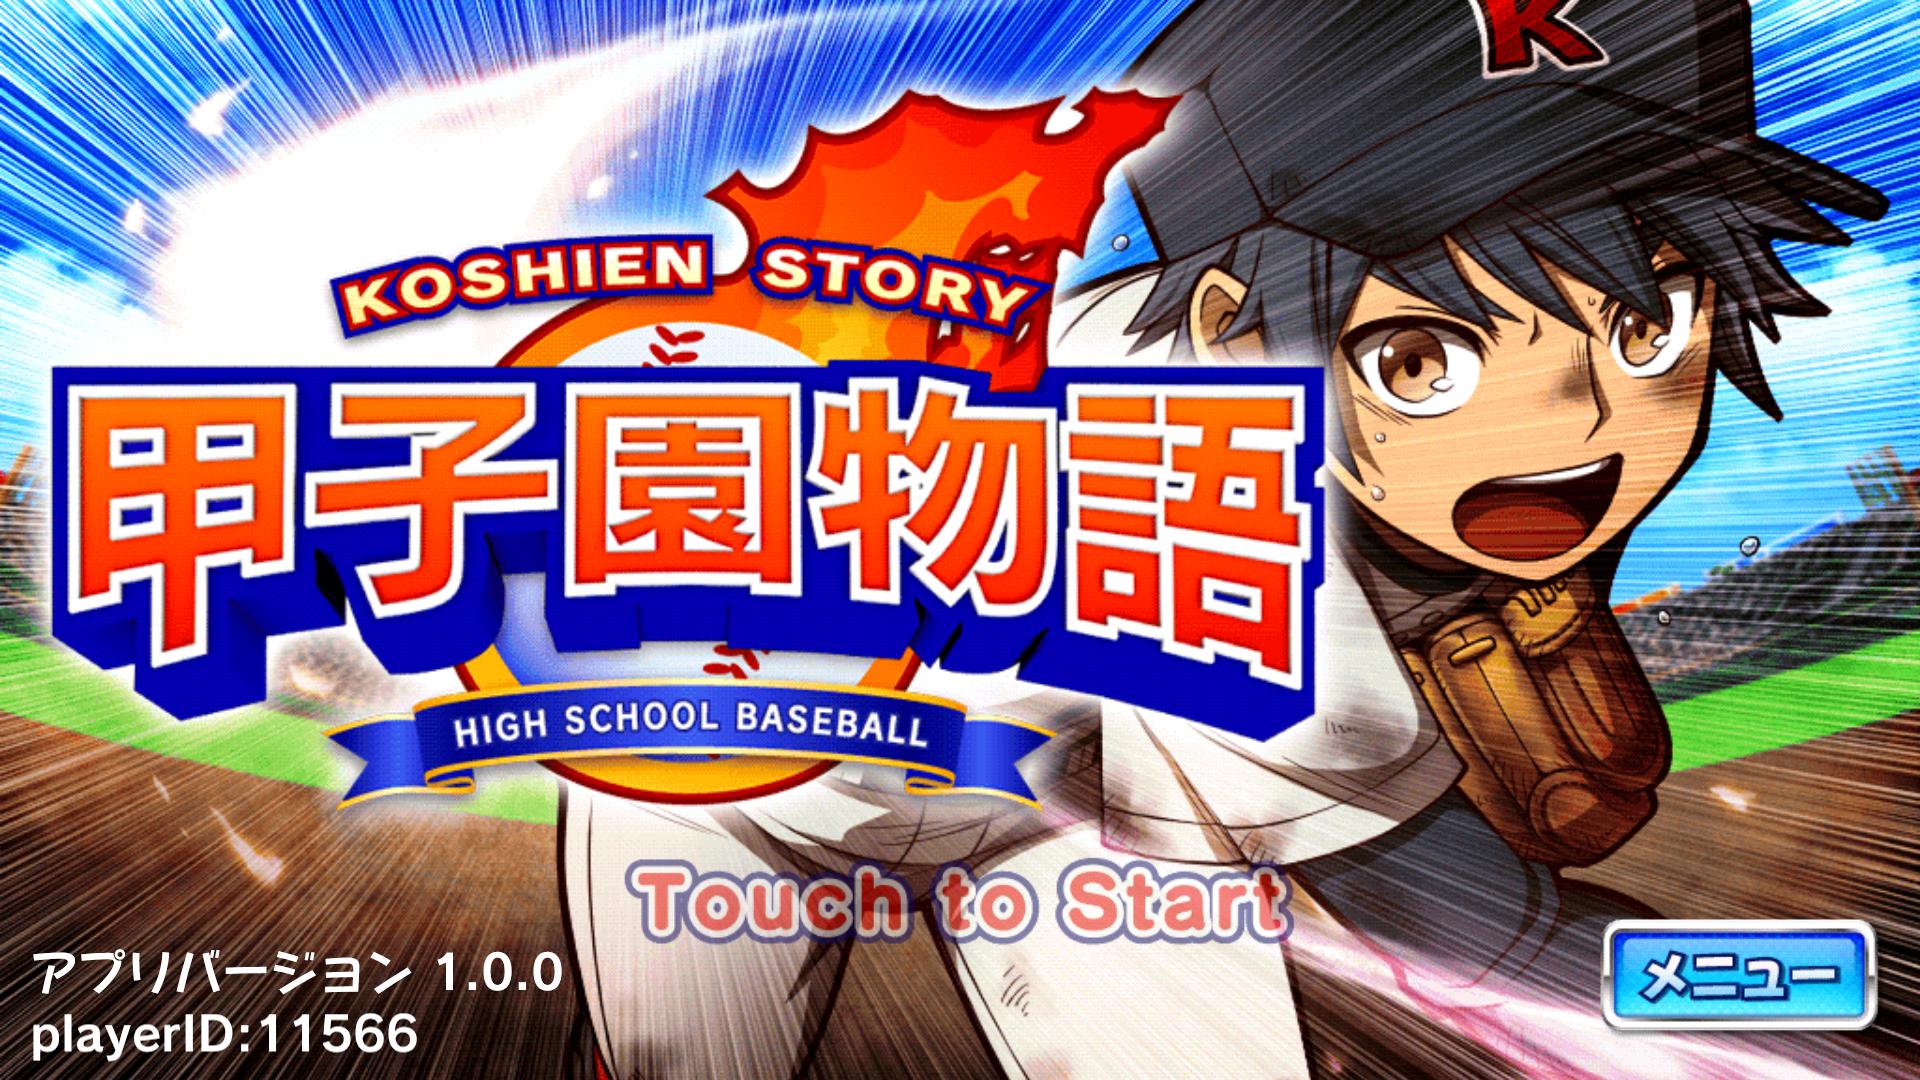 androidアプリ 甲子園物語 -ドラマチック高校野球ゲーム-攻略スクリーンショット1